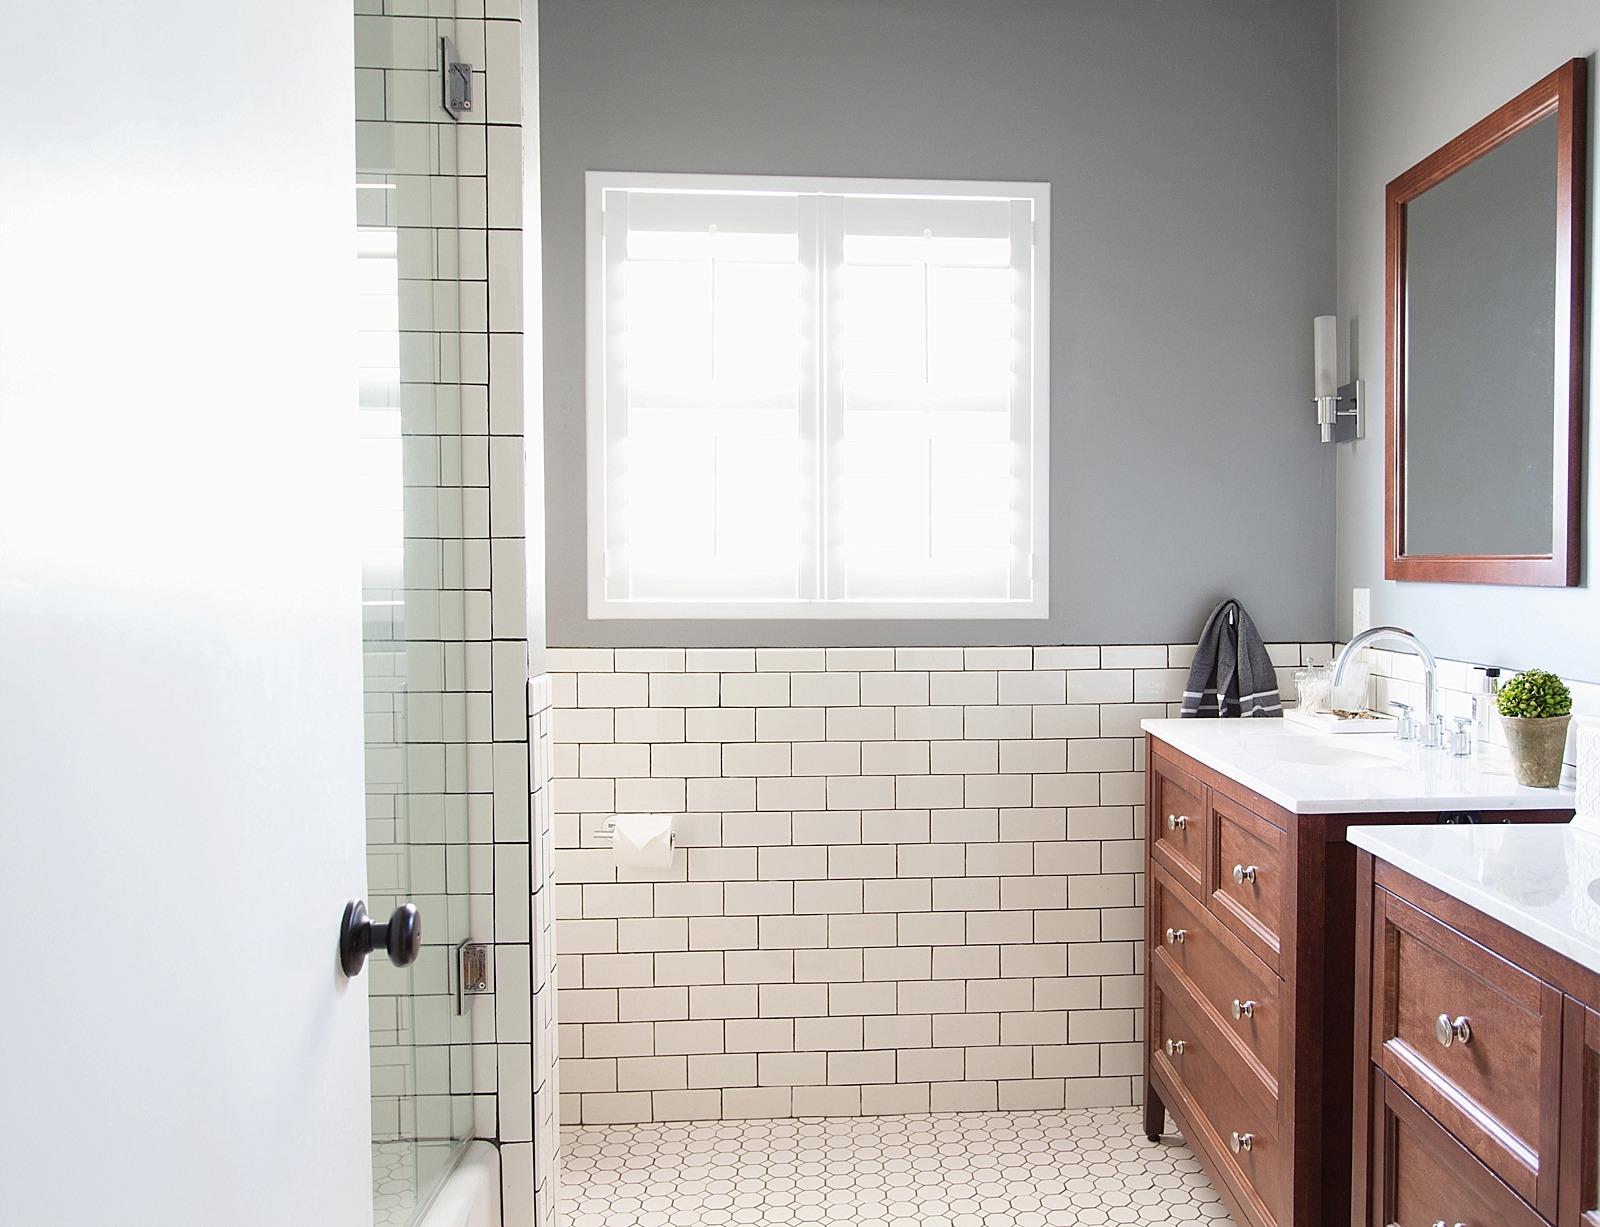 How to refresh a bathroom style | Diana Elizabeth